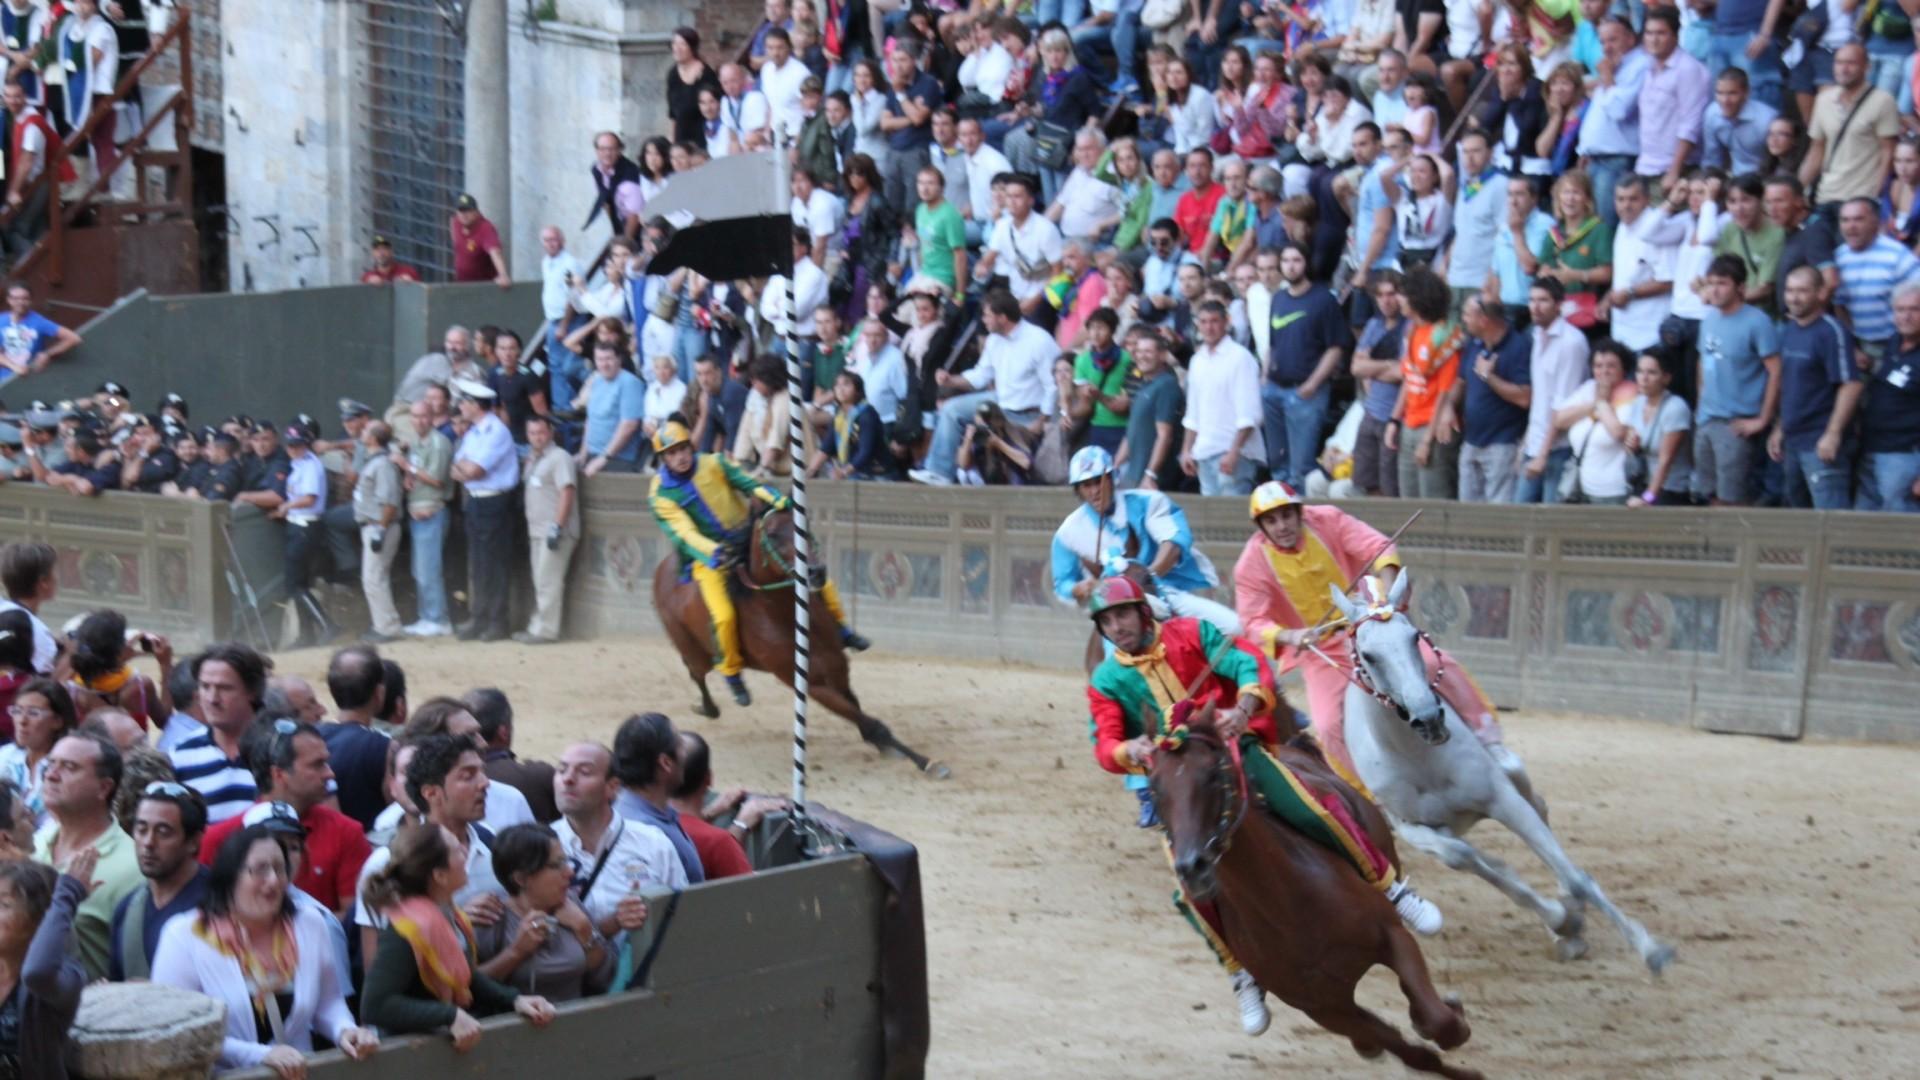 Palio of Sienna